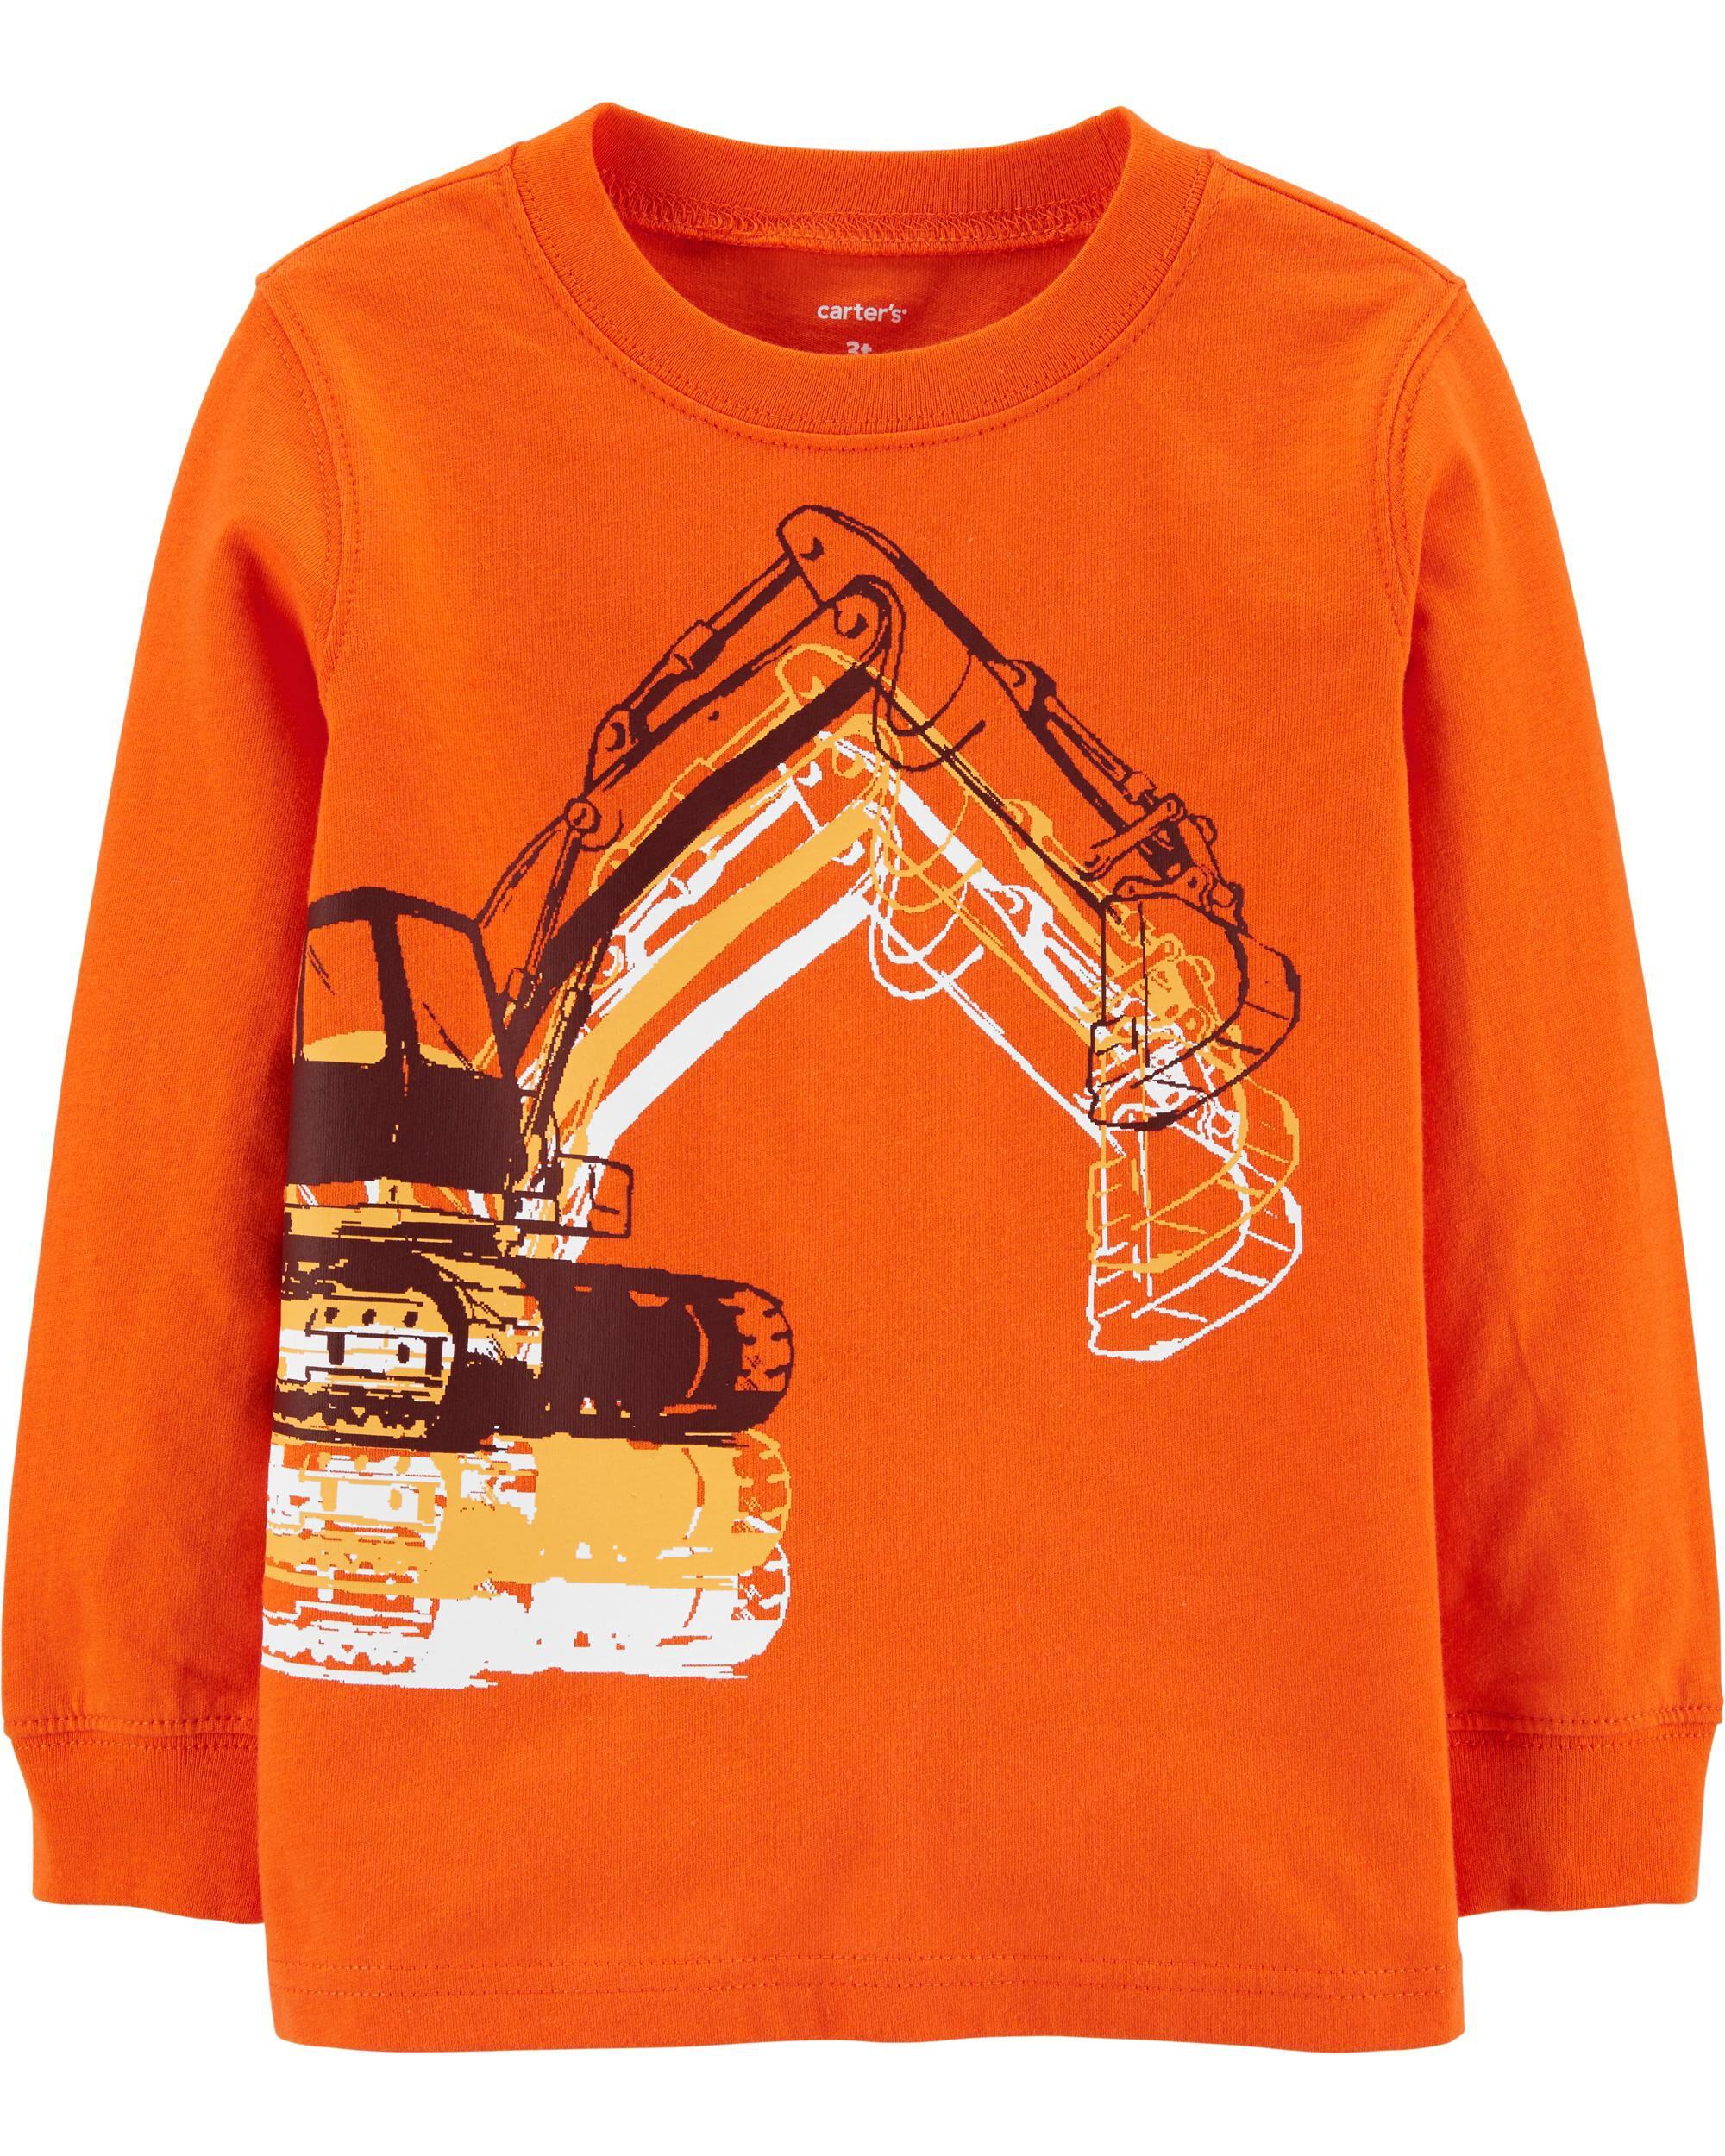 *DOORBUSTER* Construction Truck Jersey Tee